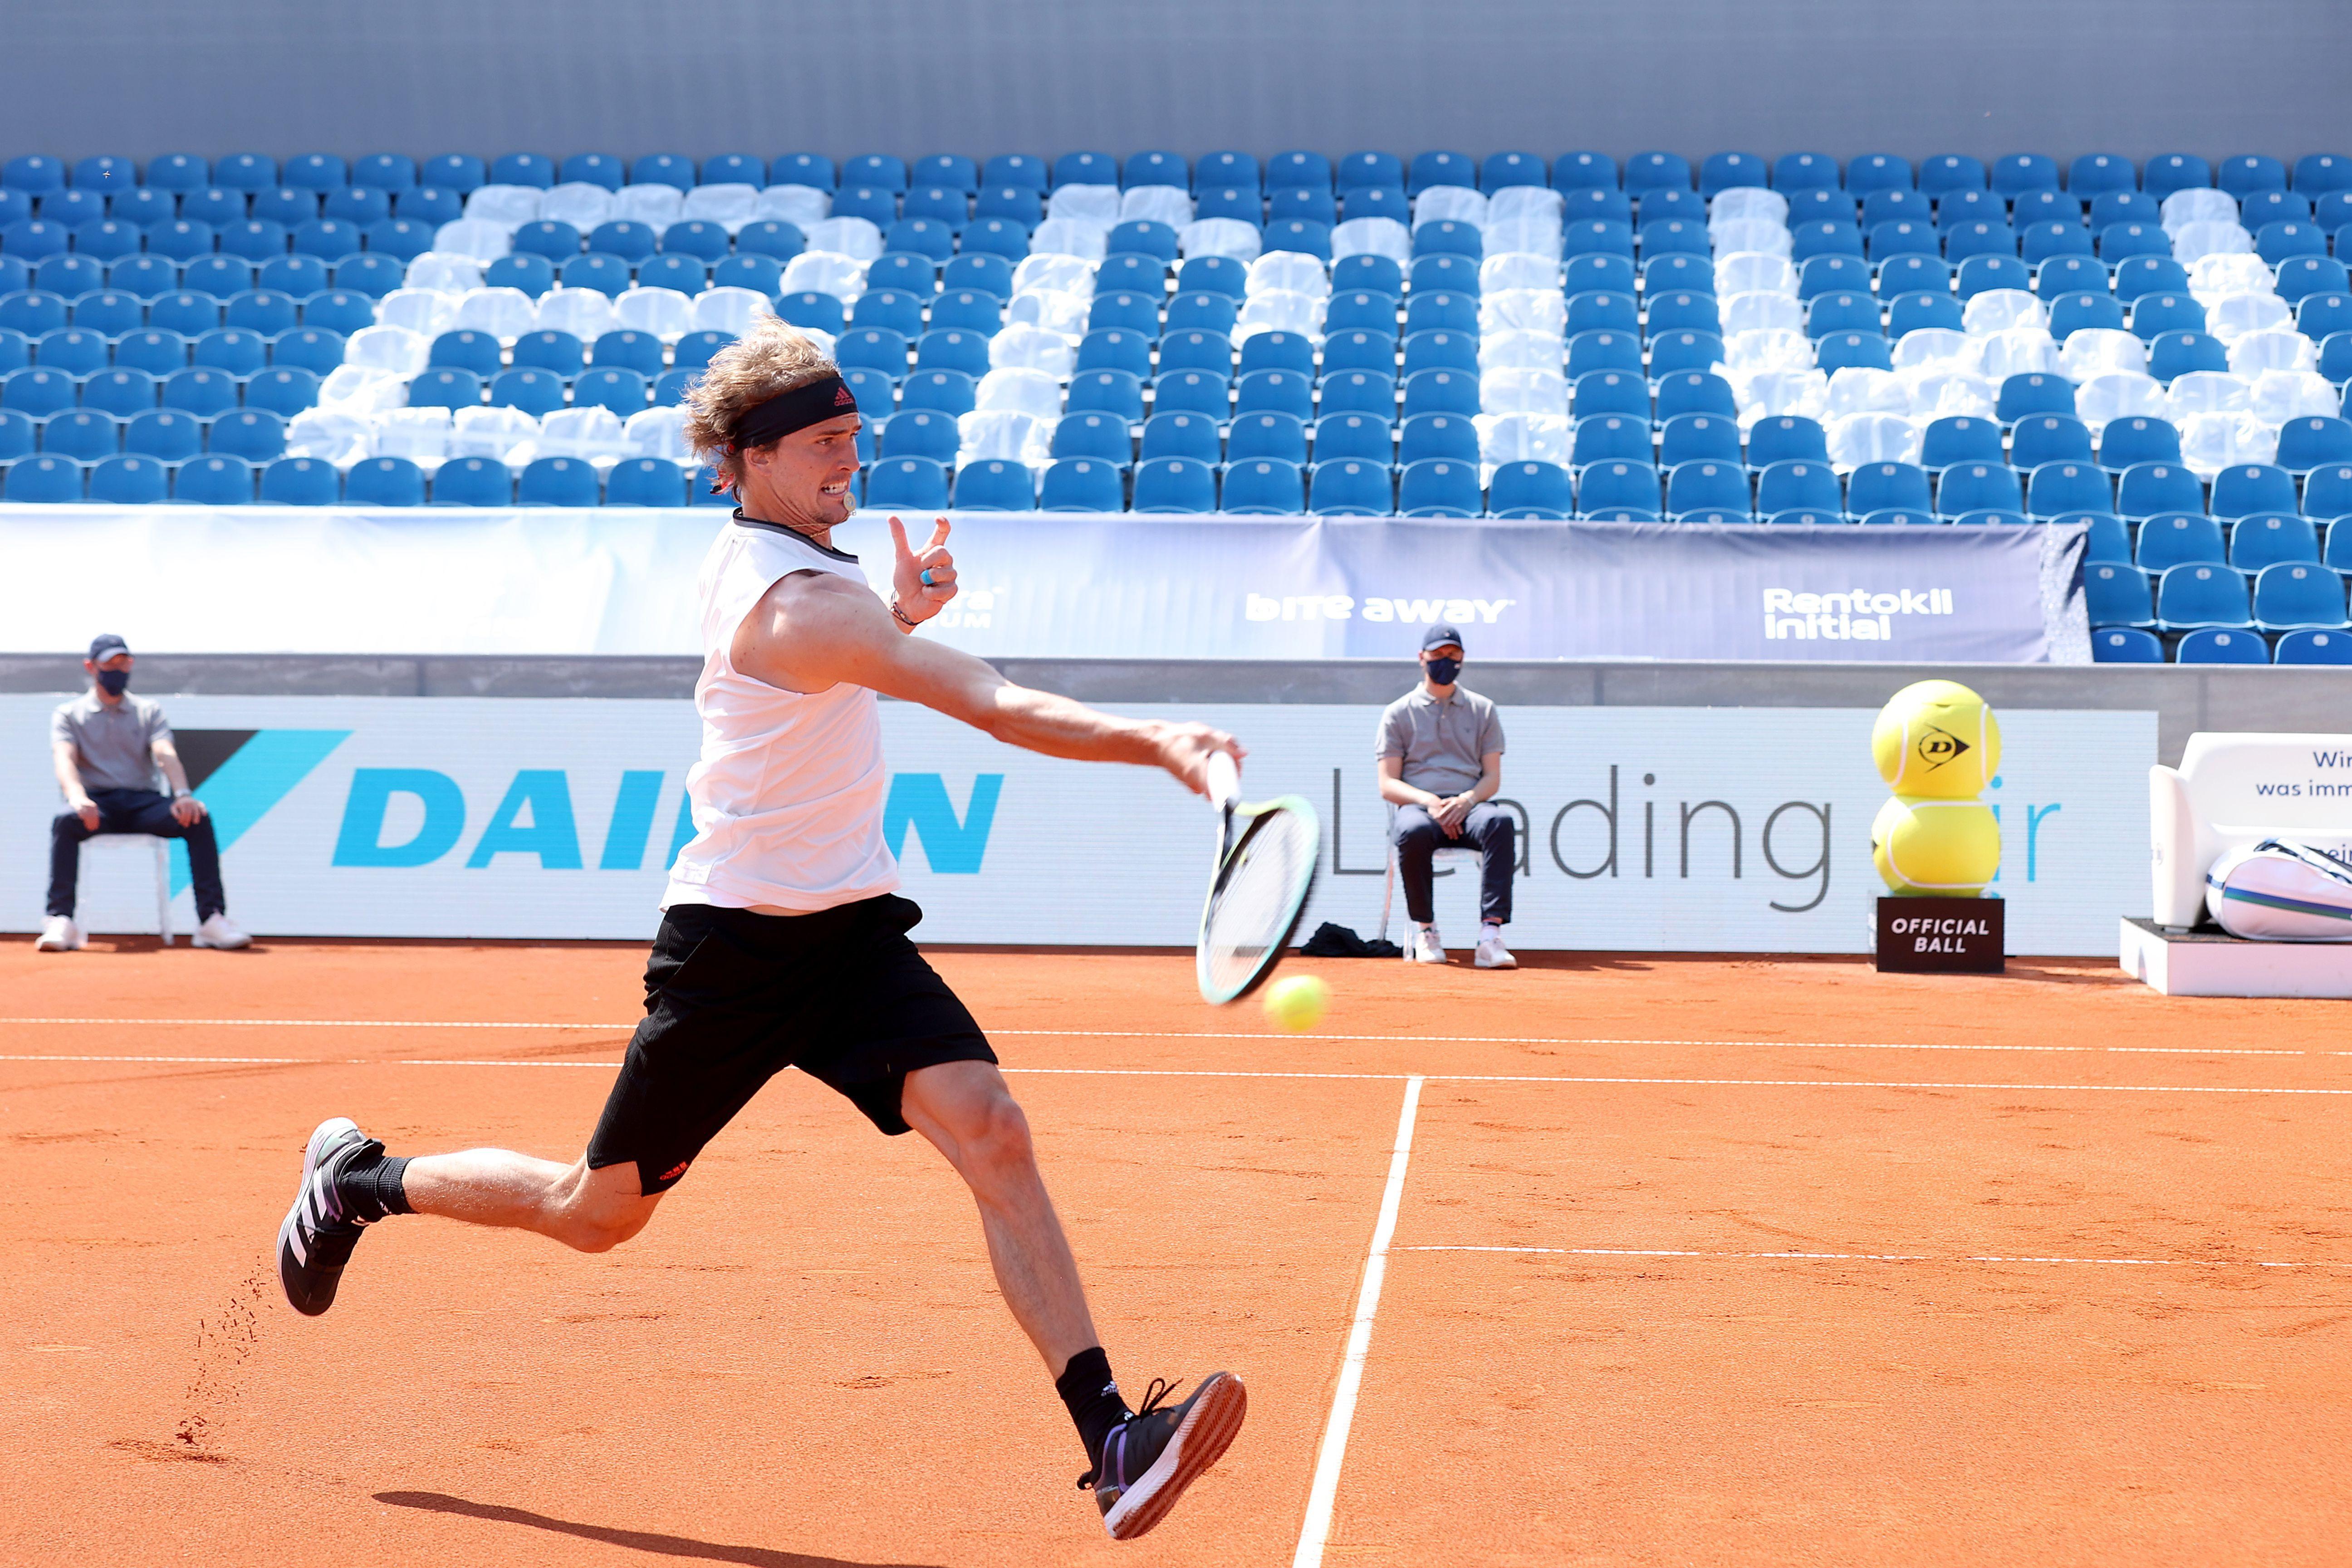 Il tedesco Alexander Zverev, campione dell'edizione 2017 e finalista l'anno successivo a Roma.